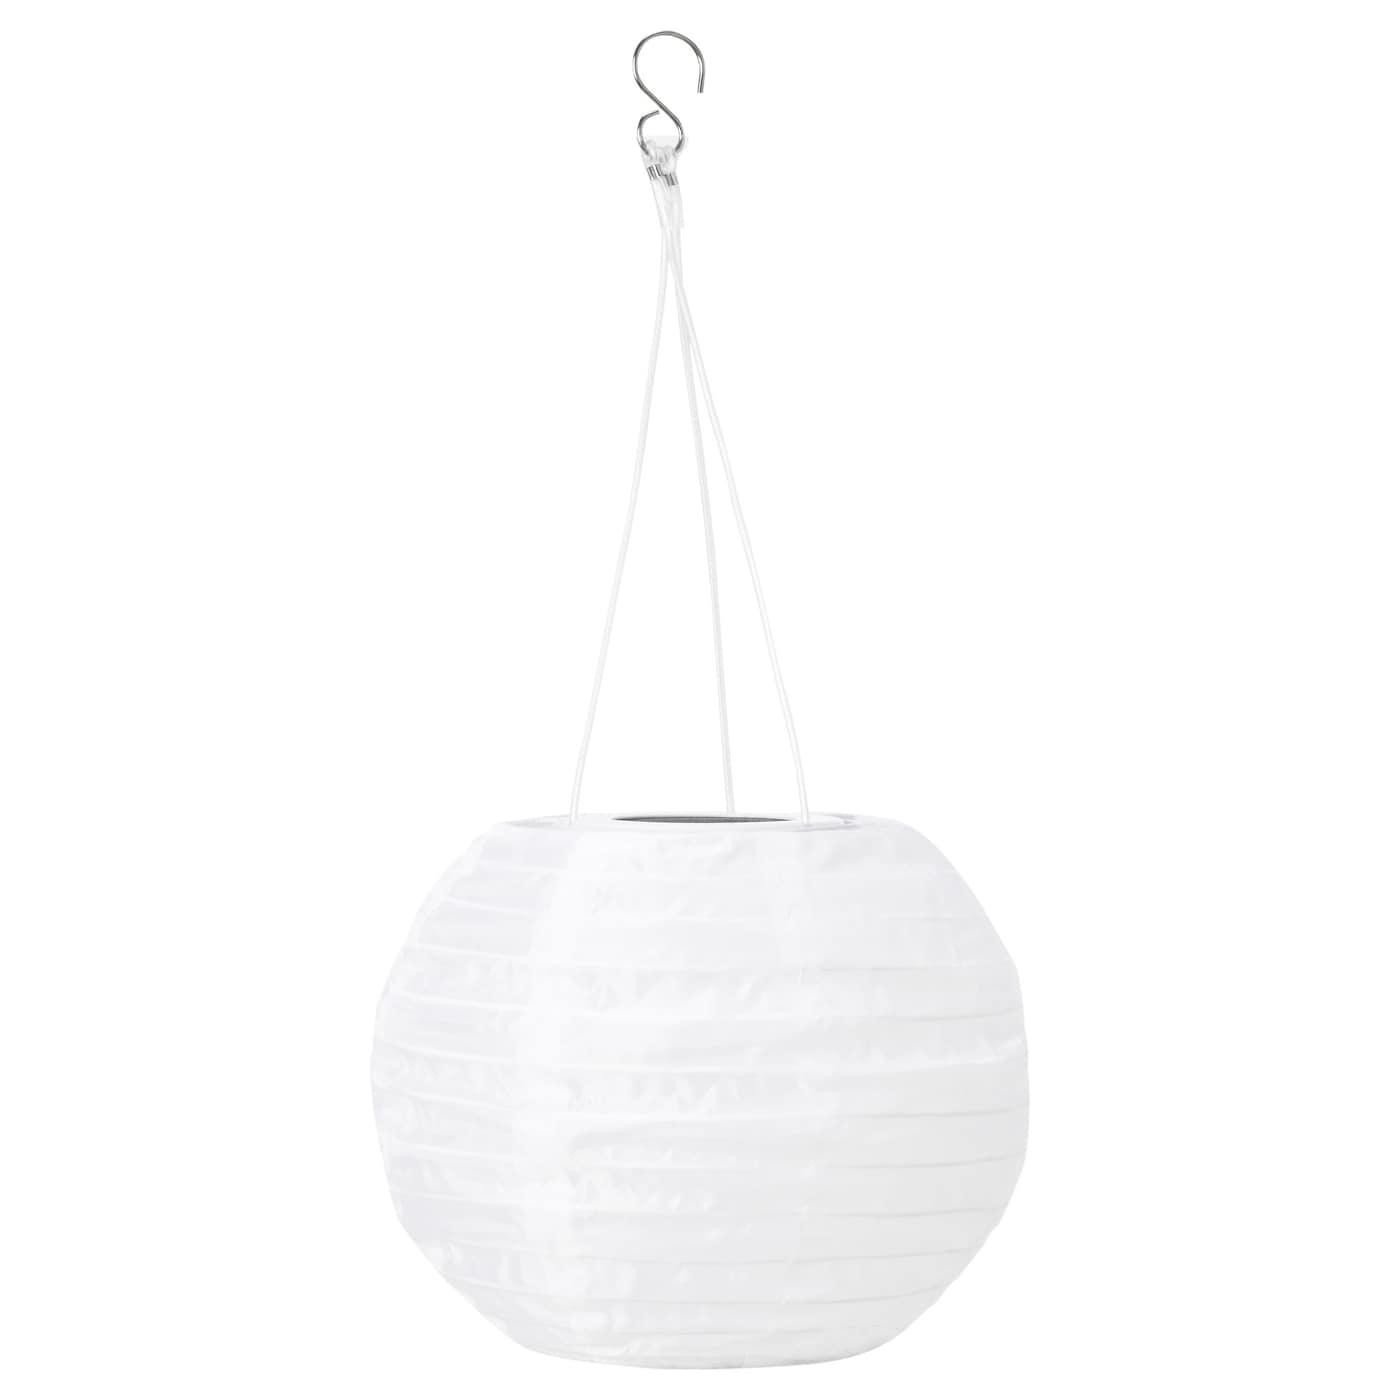 Solvinden Solar Powered Pendant Lamp Globe White 22 Cm Ikea